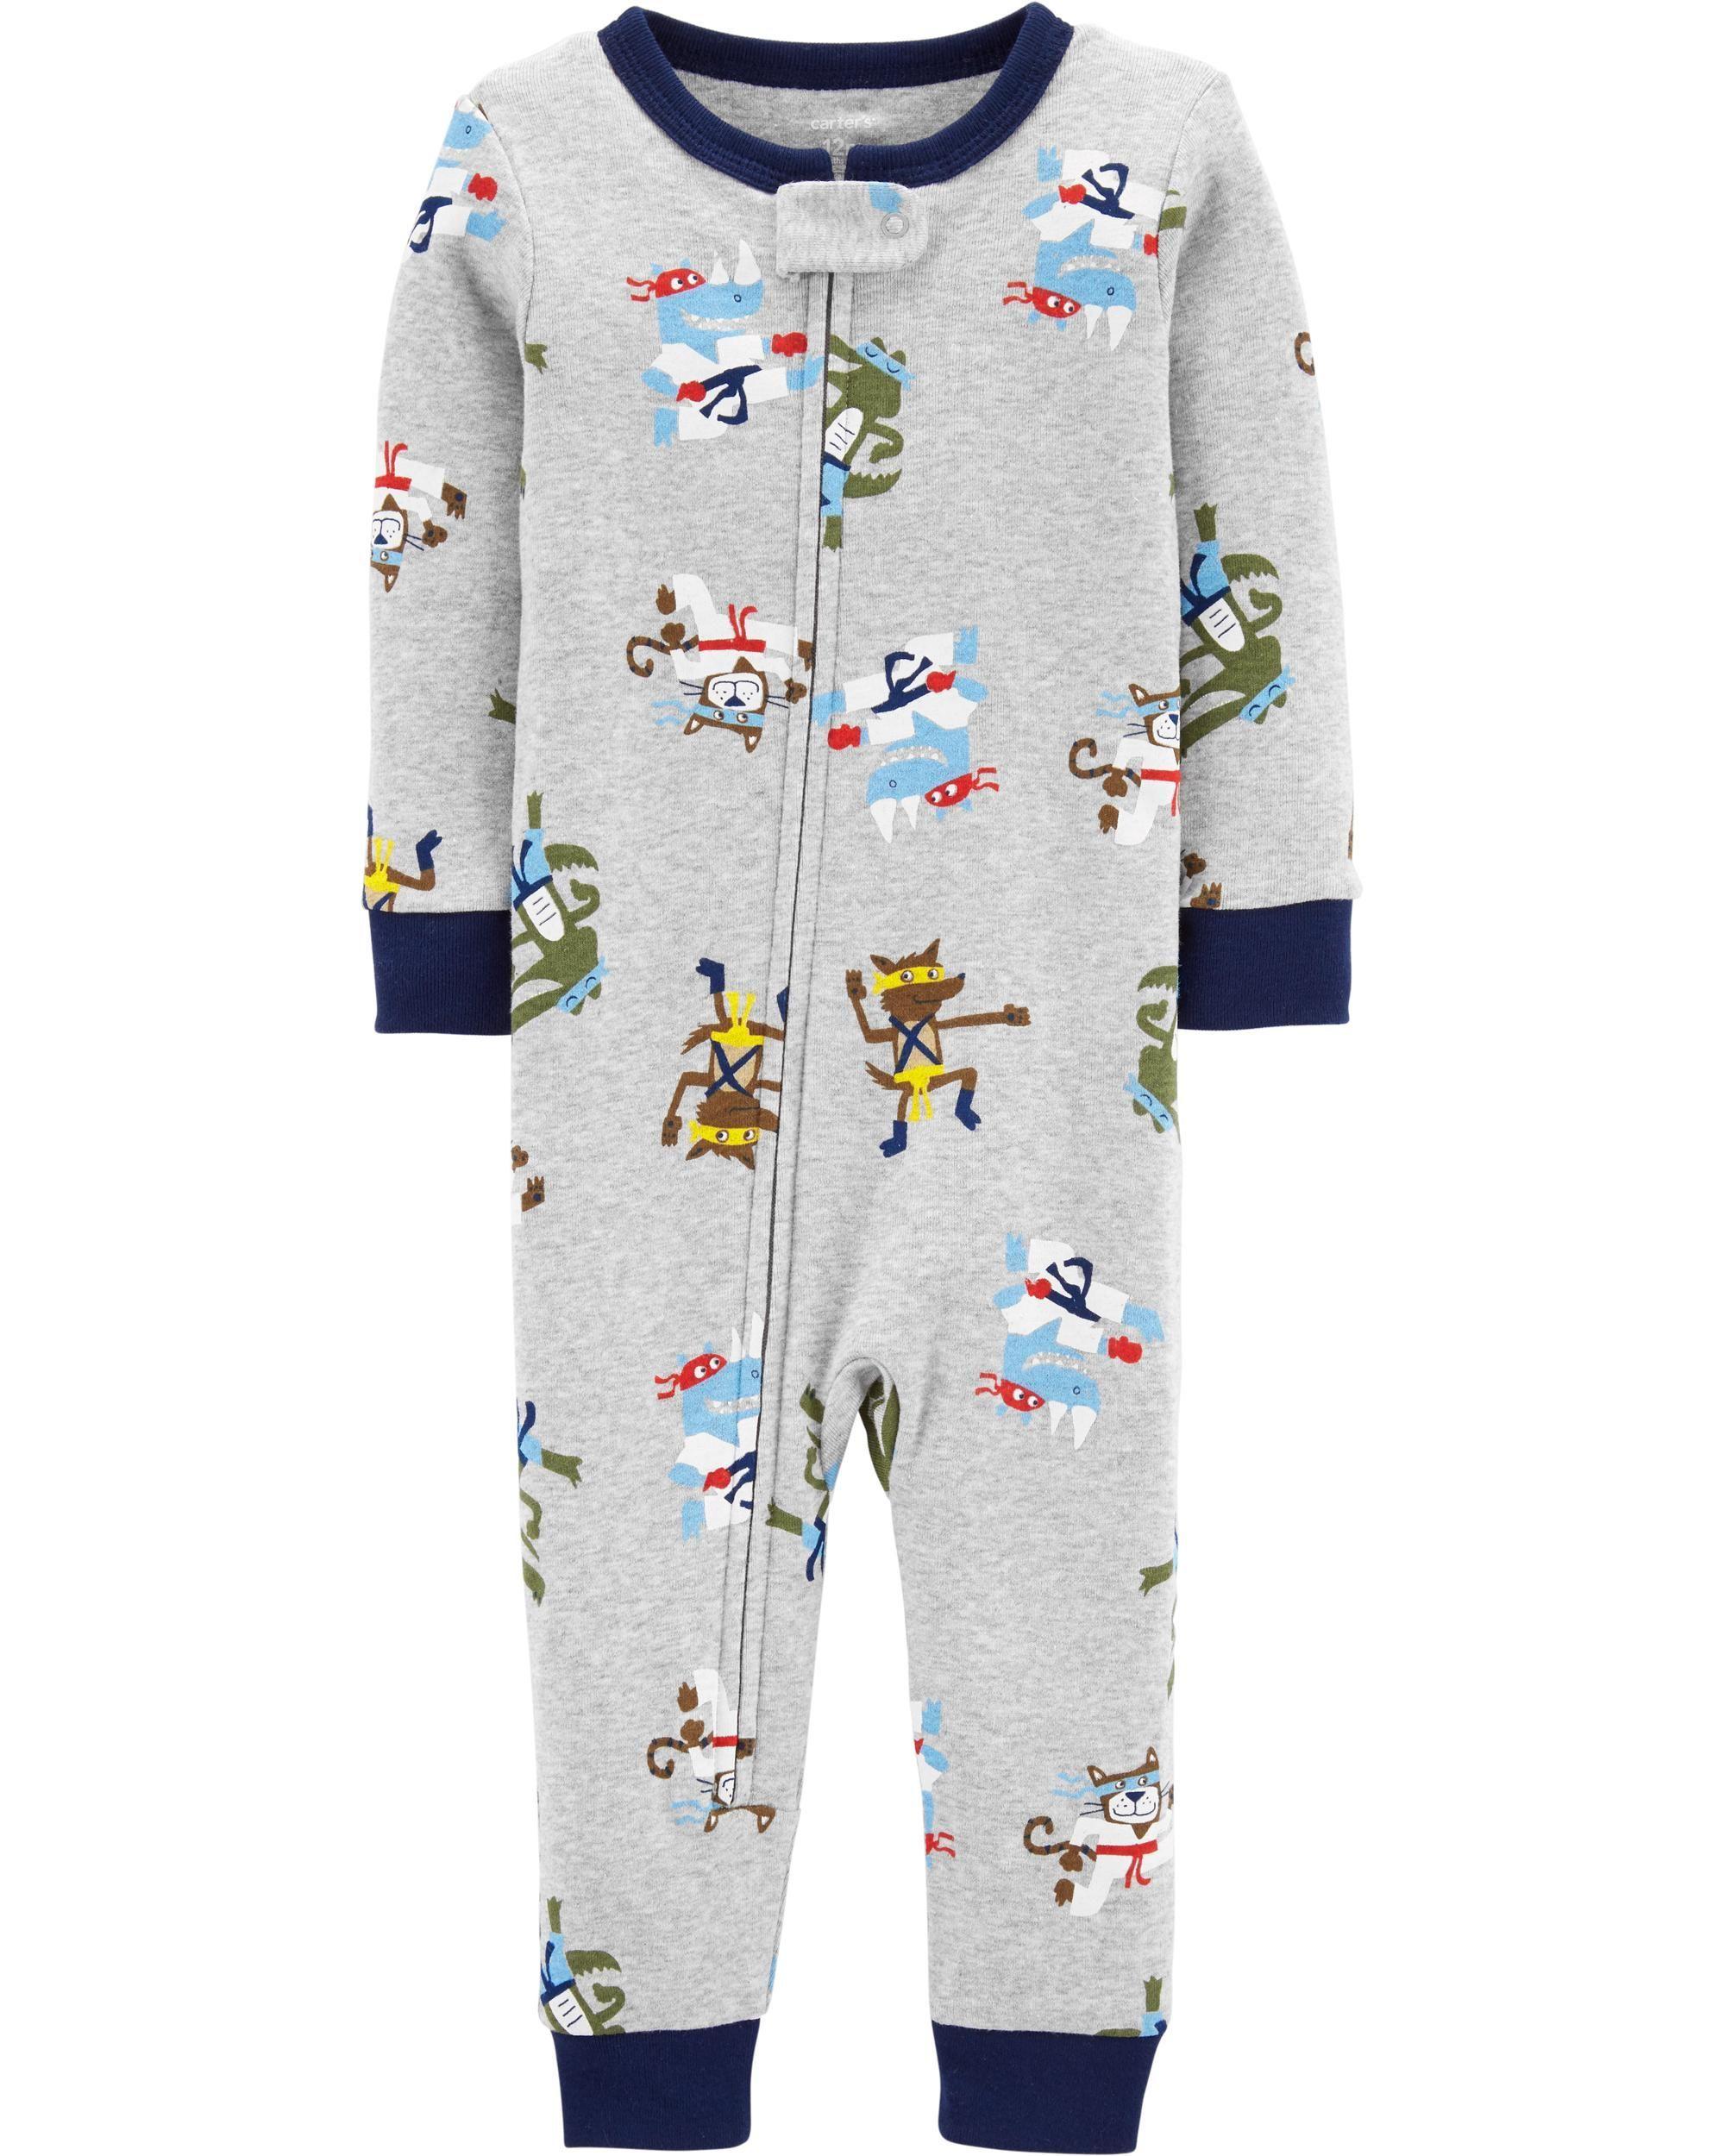 19c8ebb15934 1-Piece Ninja Snug Fit Cotton Footless PJs